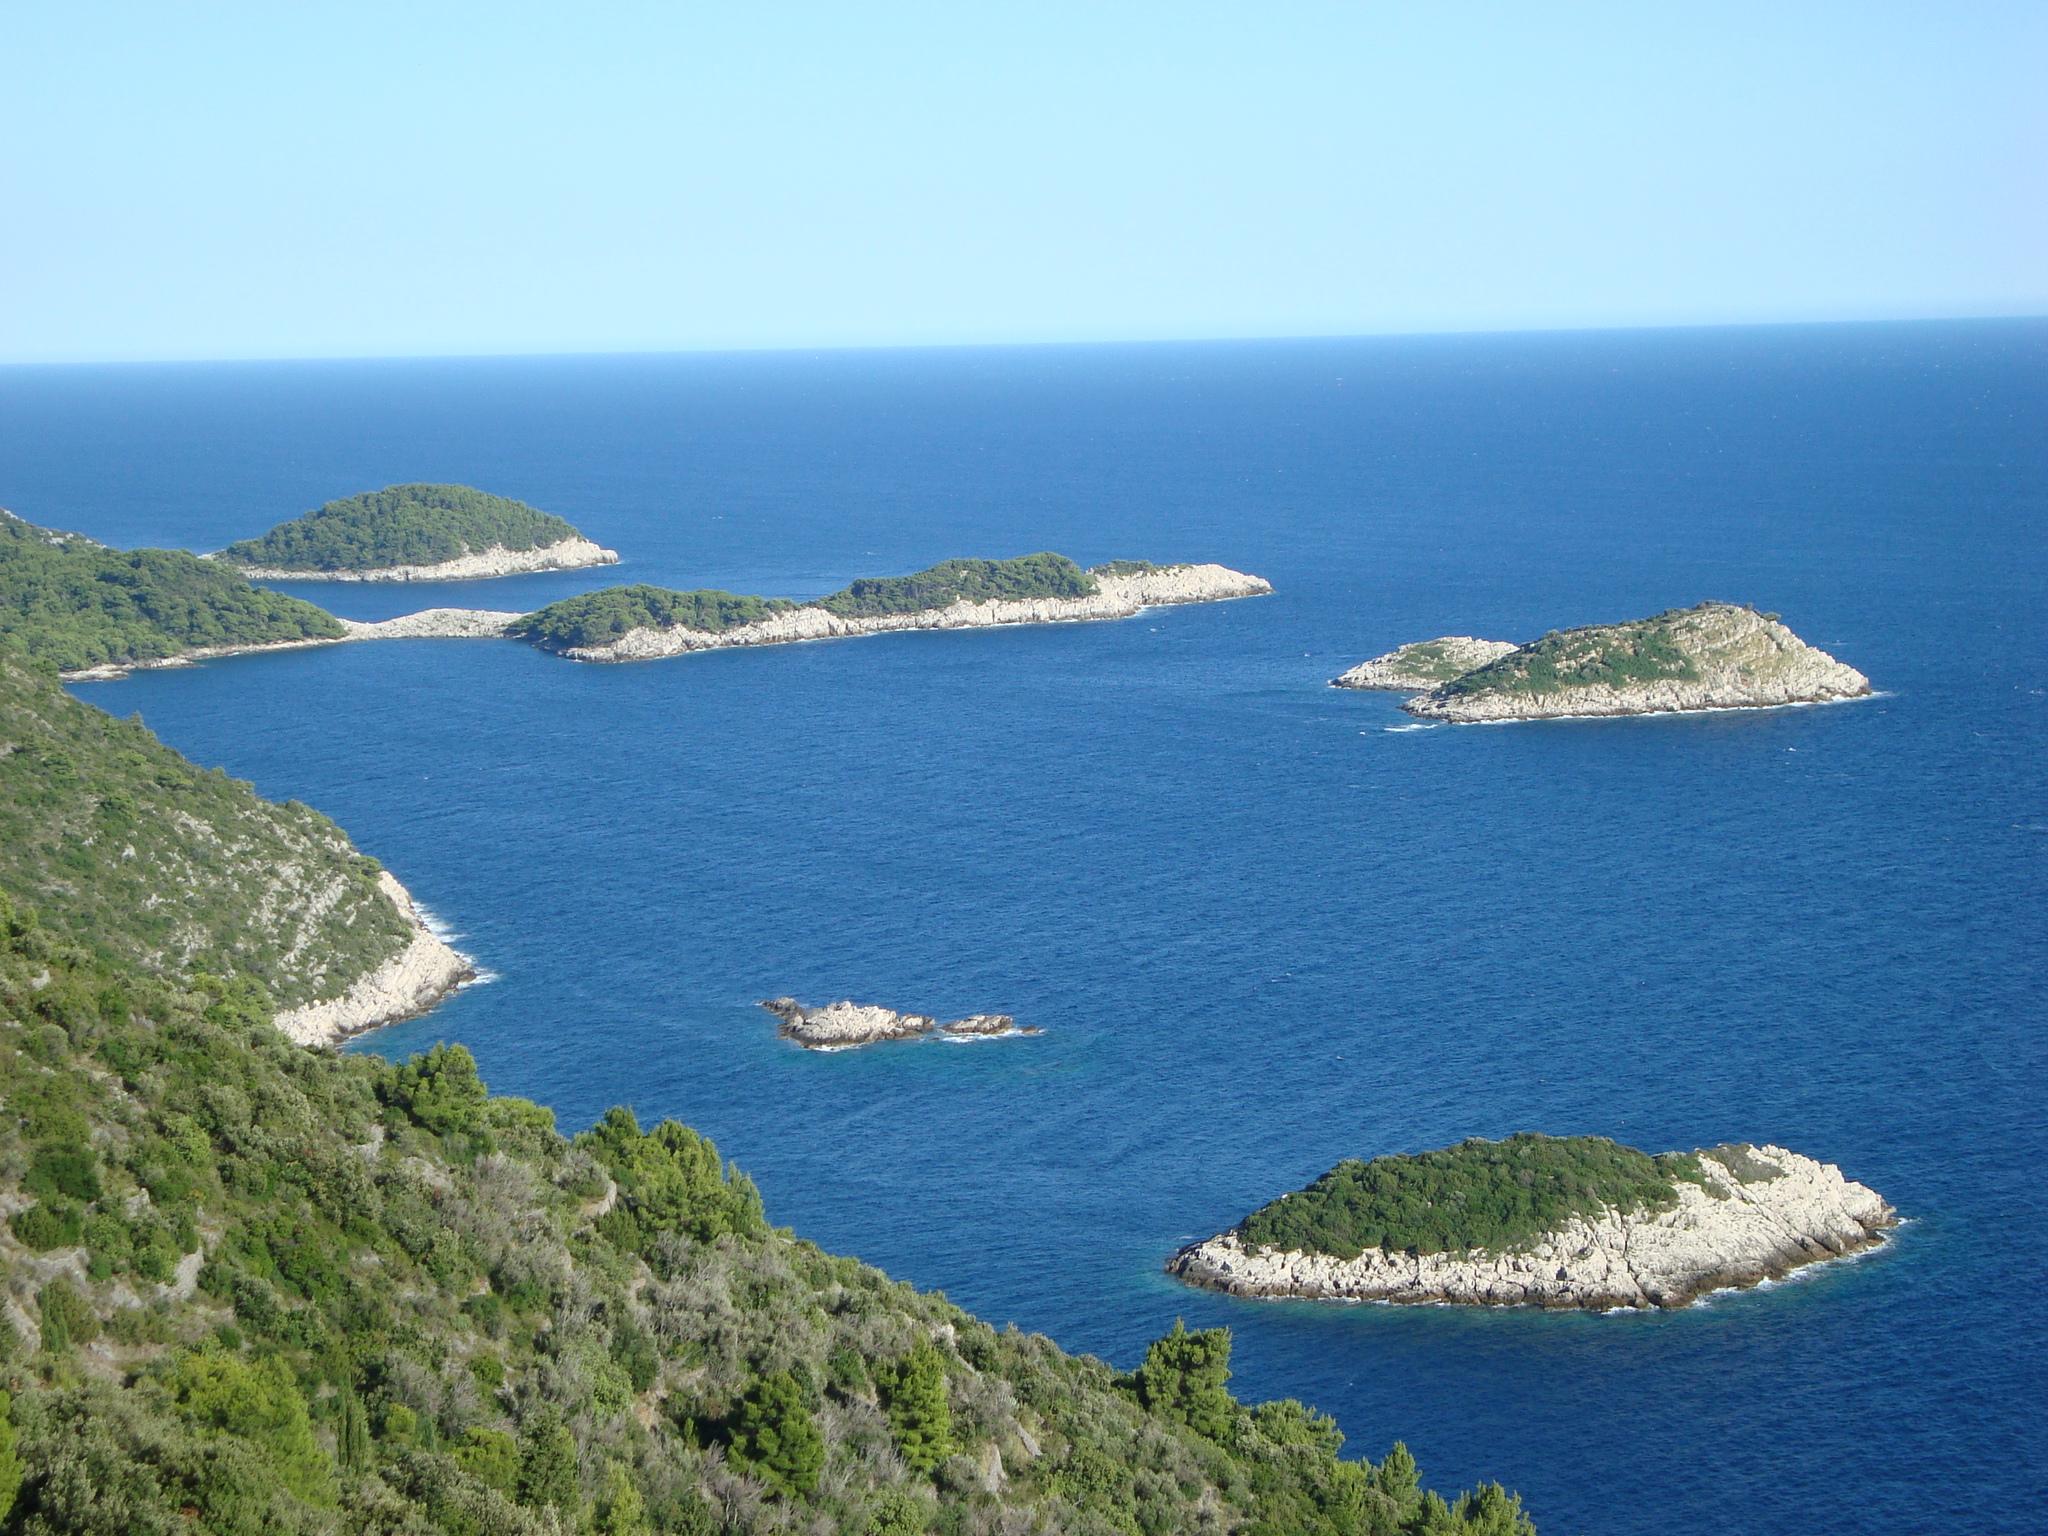 Wyspa Mljet - południowe wybrzeże